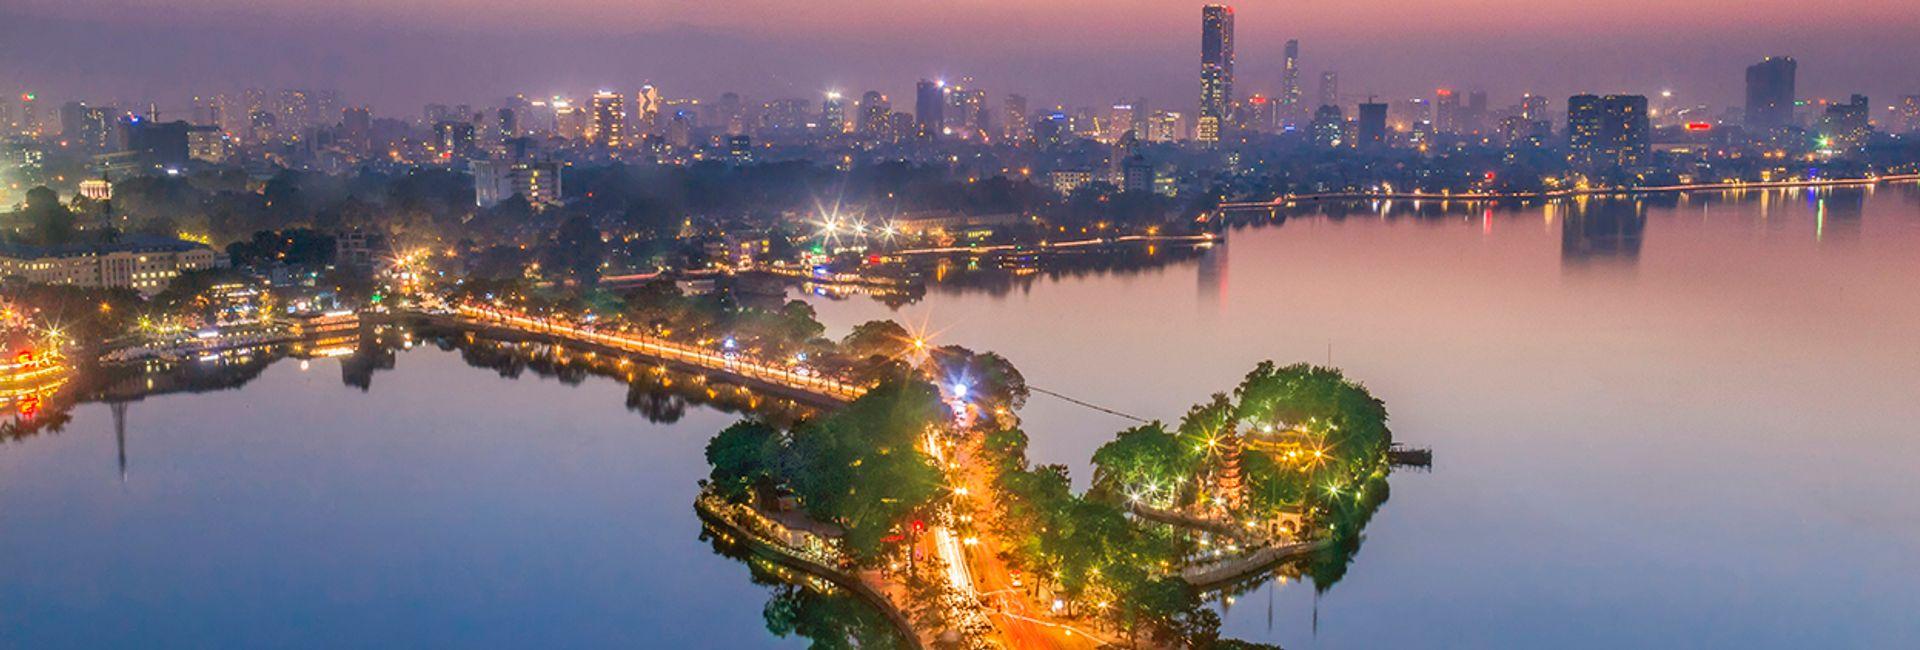 Top 10 địa điểm hẹn hò lãng mạn cho cặp đôi ở Hà Nội